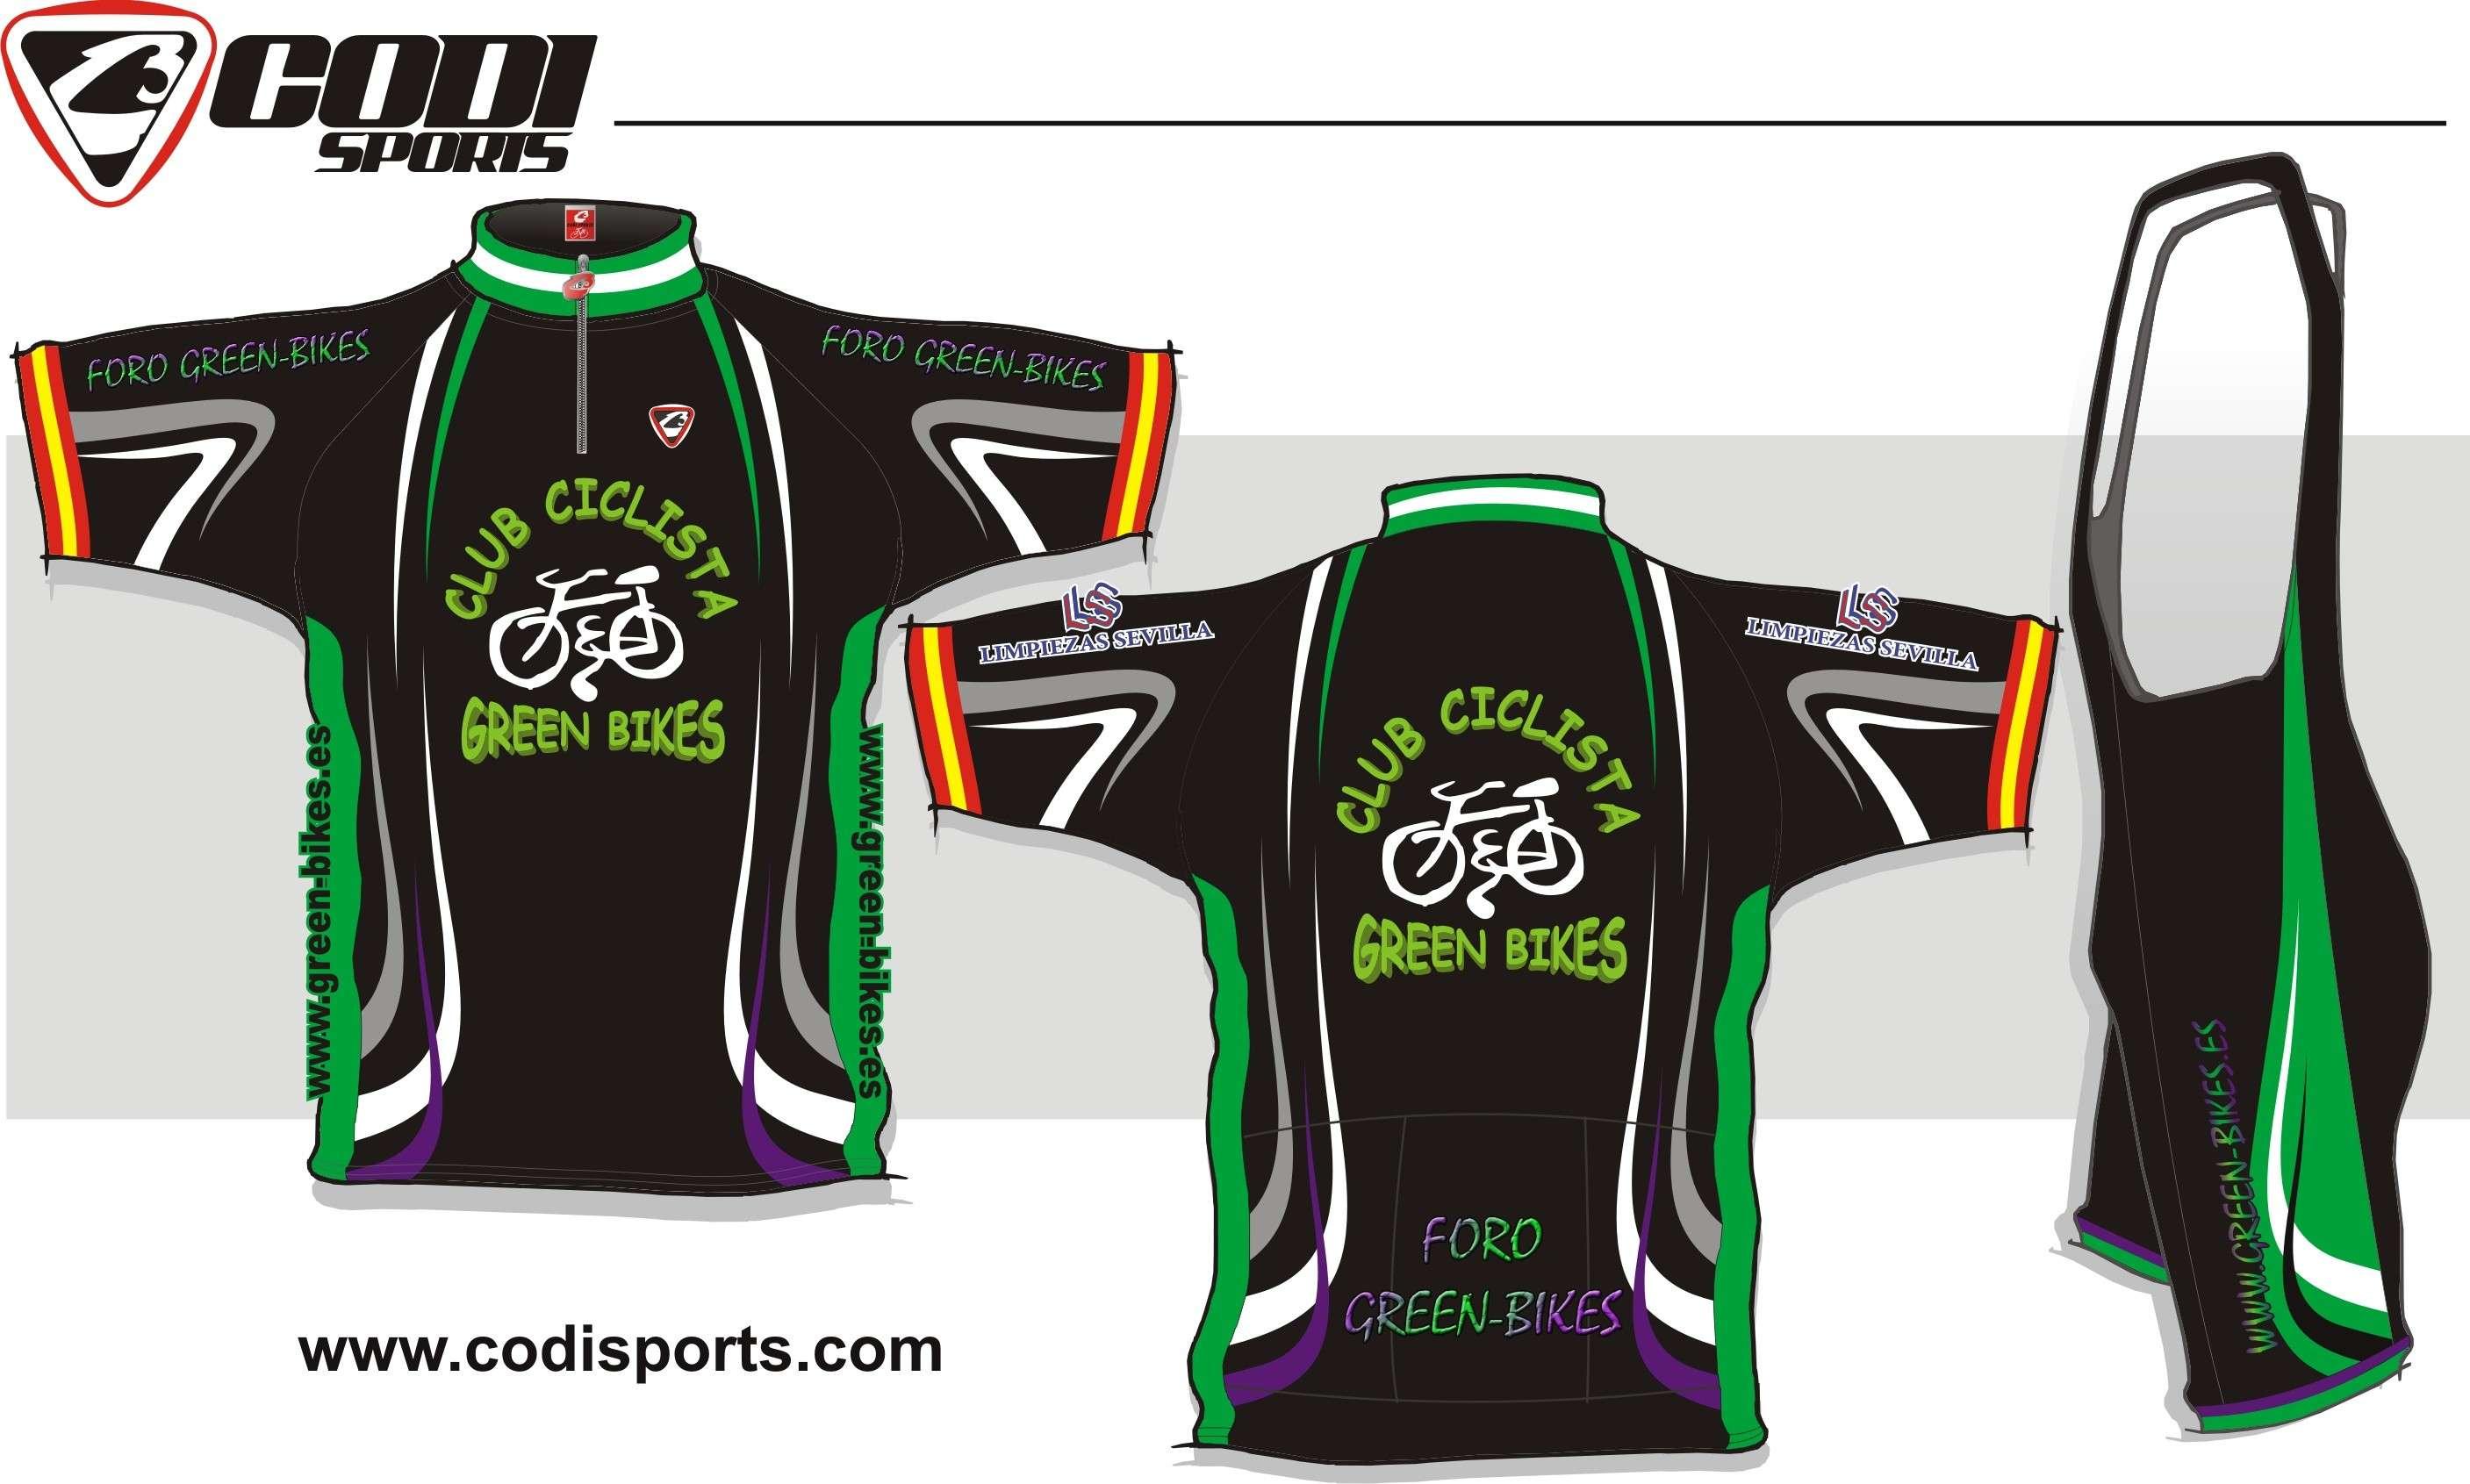 Nueva Equipacion C.C. Greenbikes Previs11